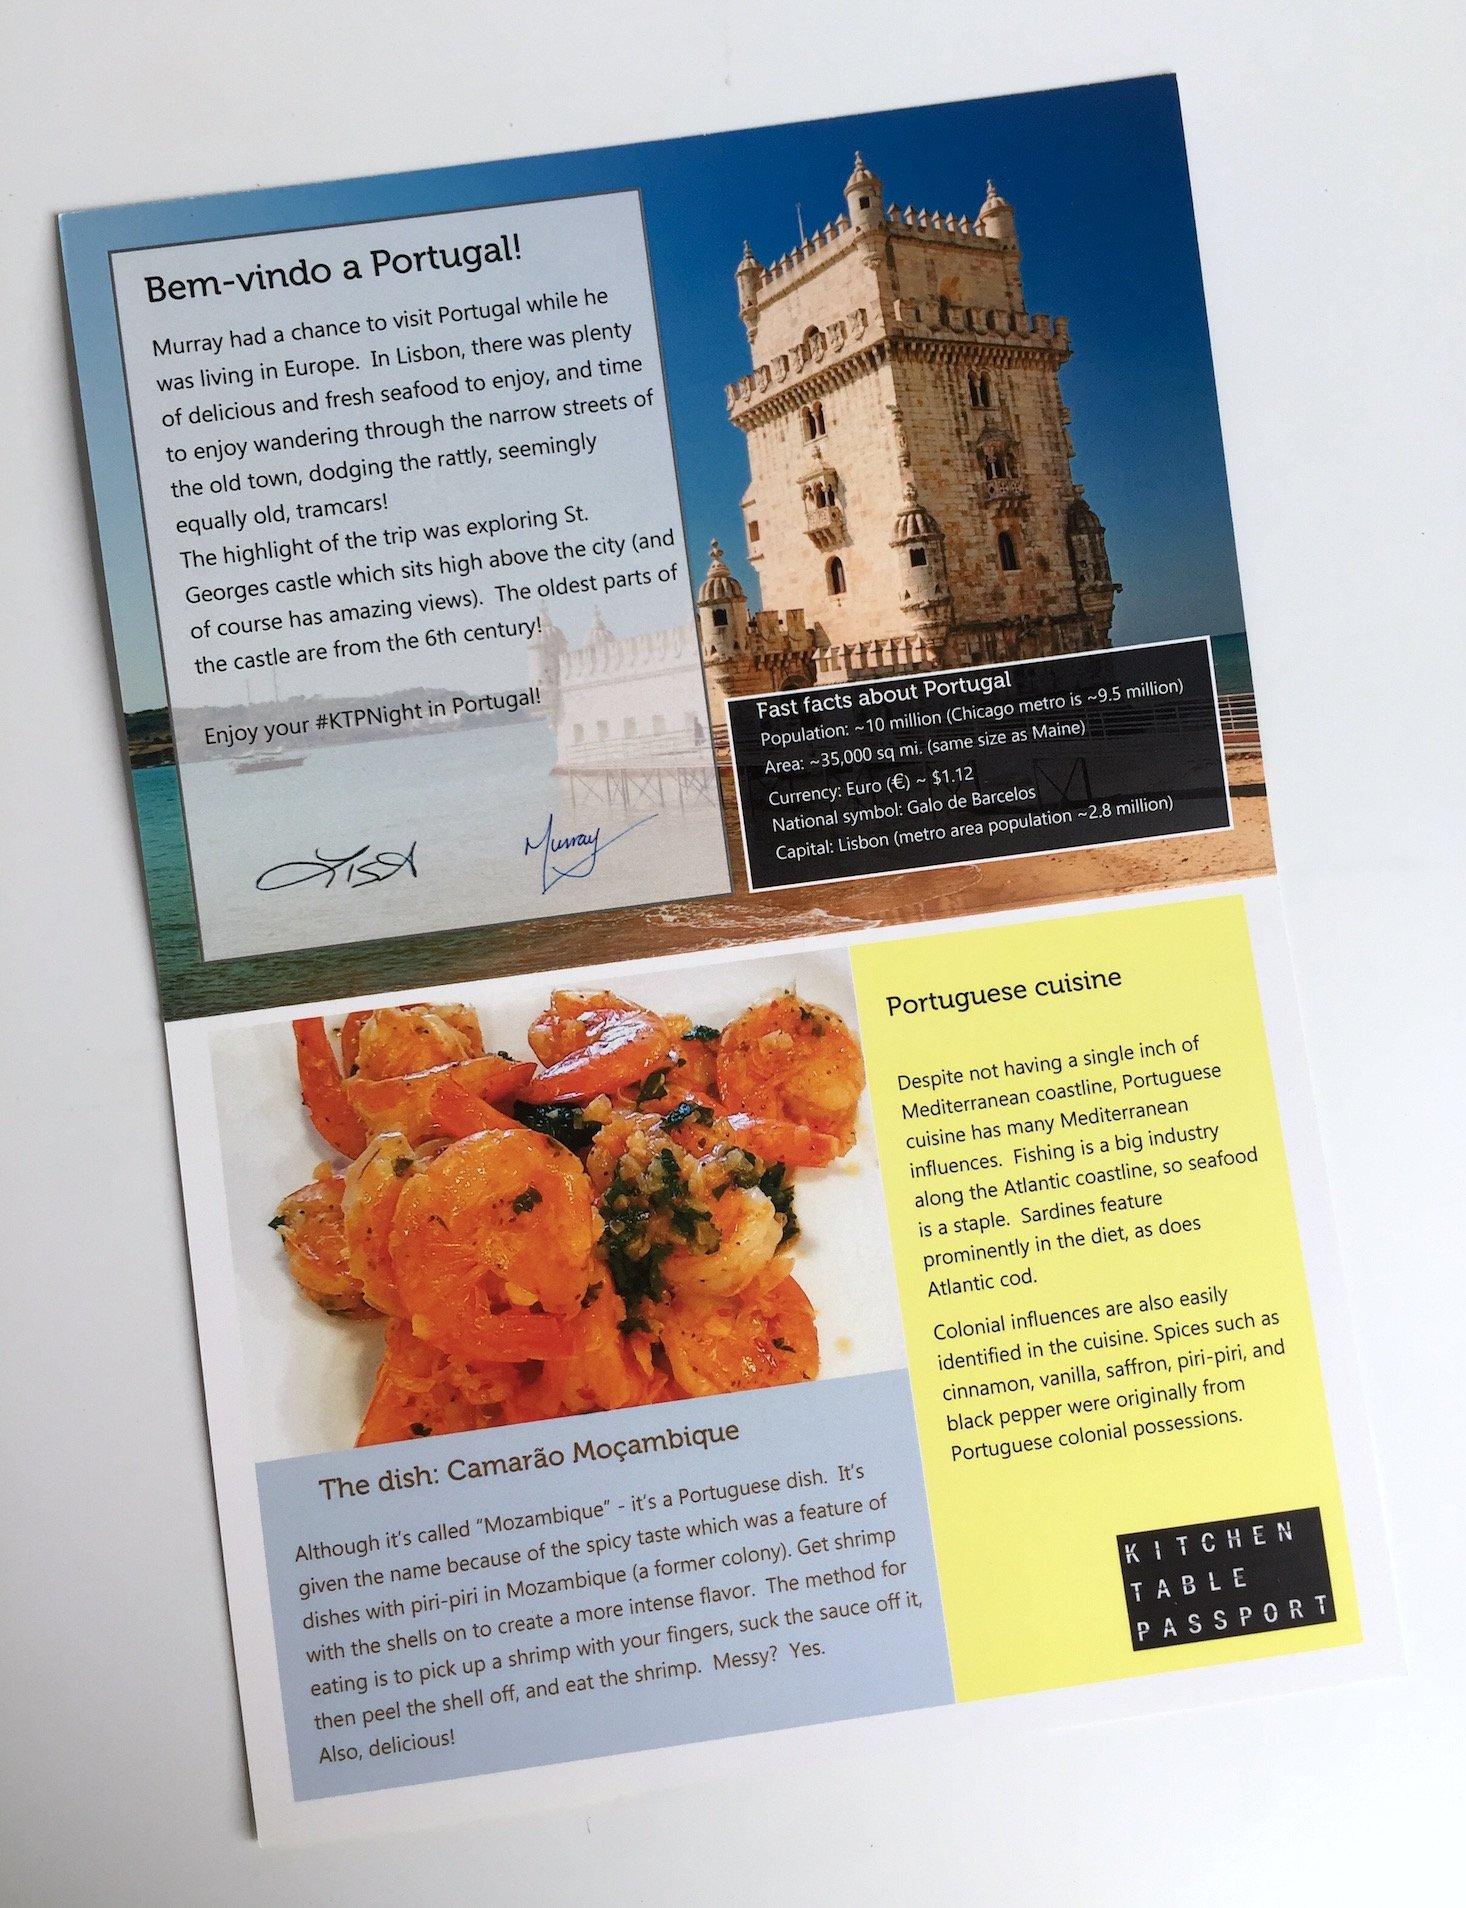 Kitchen Table Passport Subscription